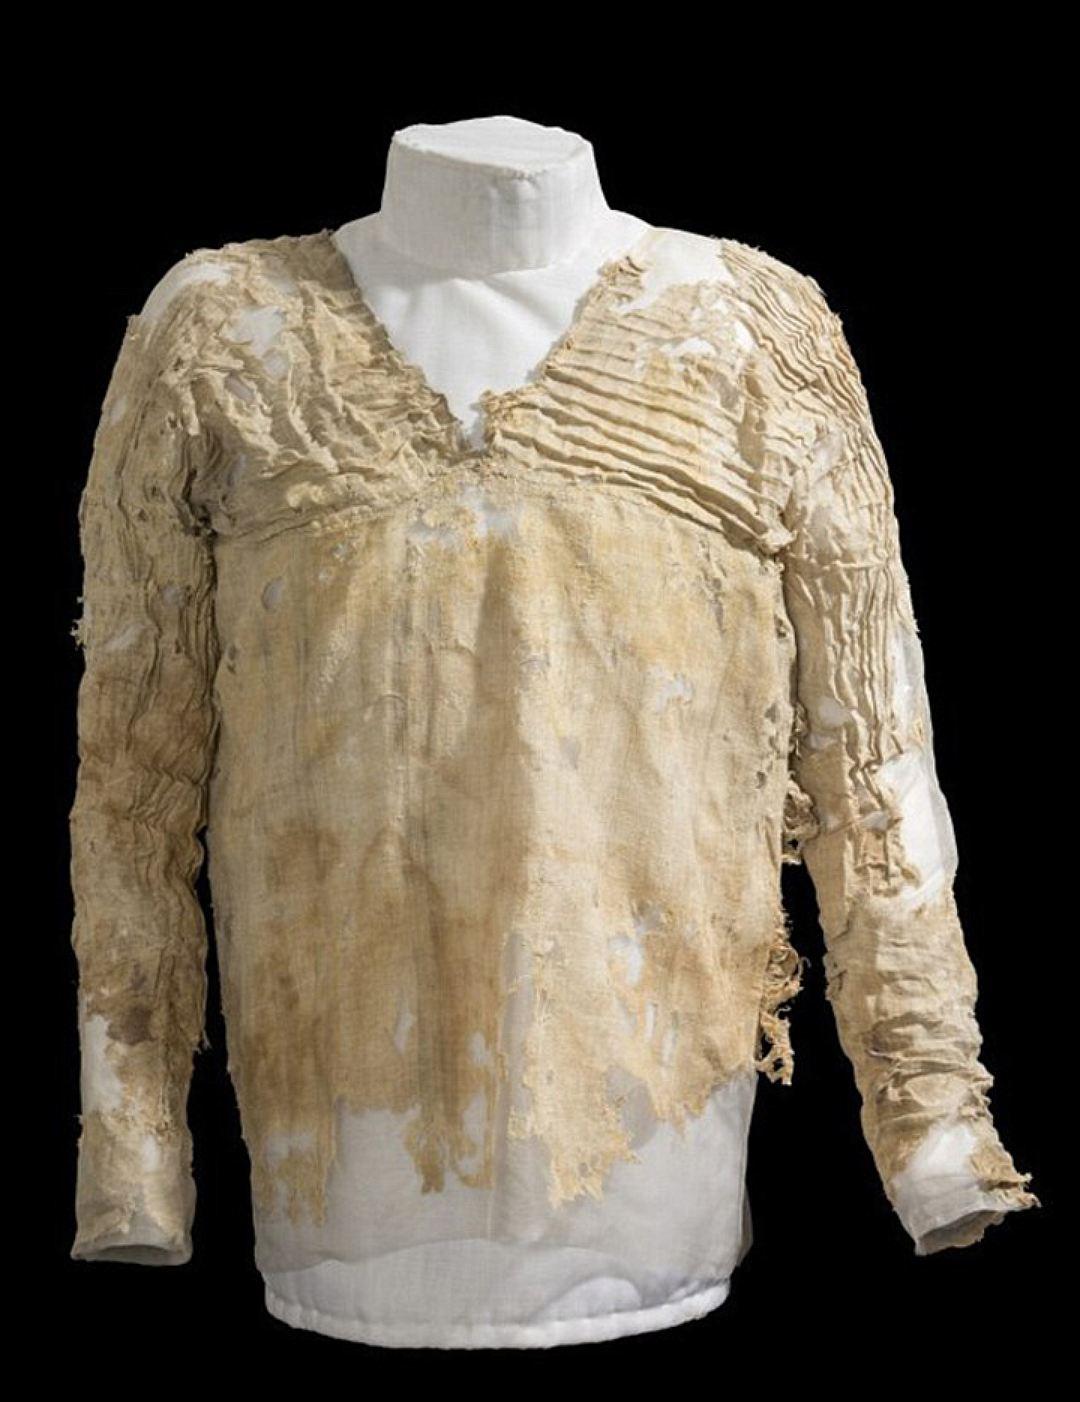 Το αρχαιότερο υφαντό: Το ένδυμα της Ταρκχάν στην Αίγυπτο. Χρονολογήθηκε ανάμεσα στο 3482 και 3103π.Χ.